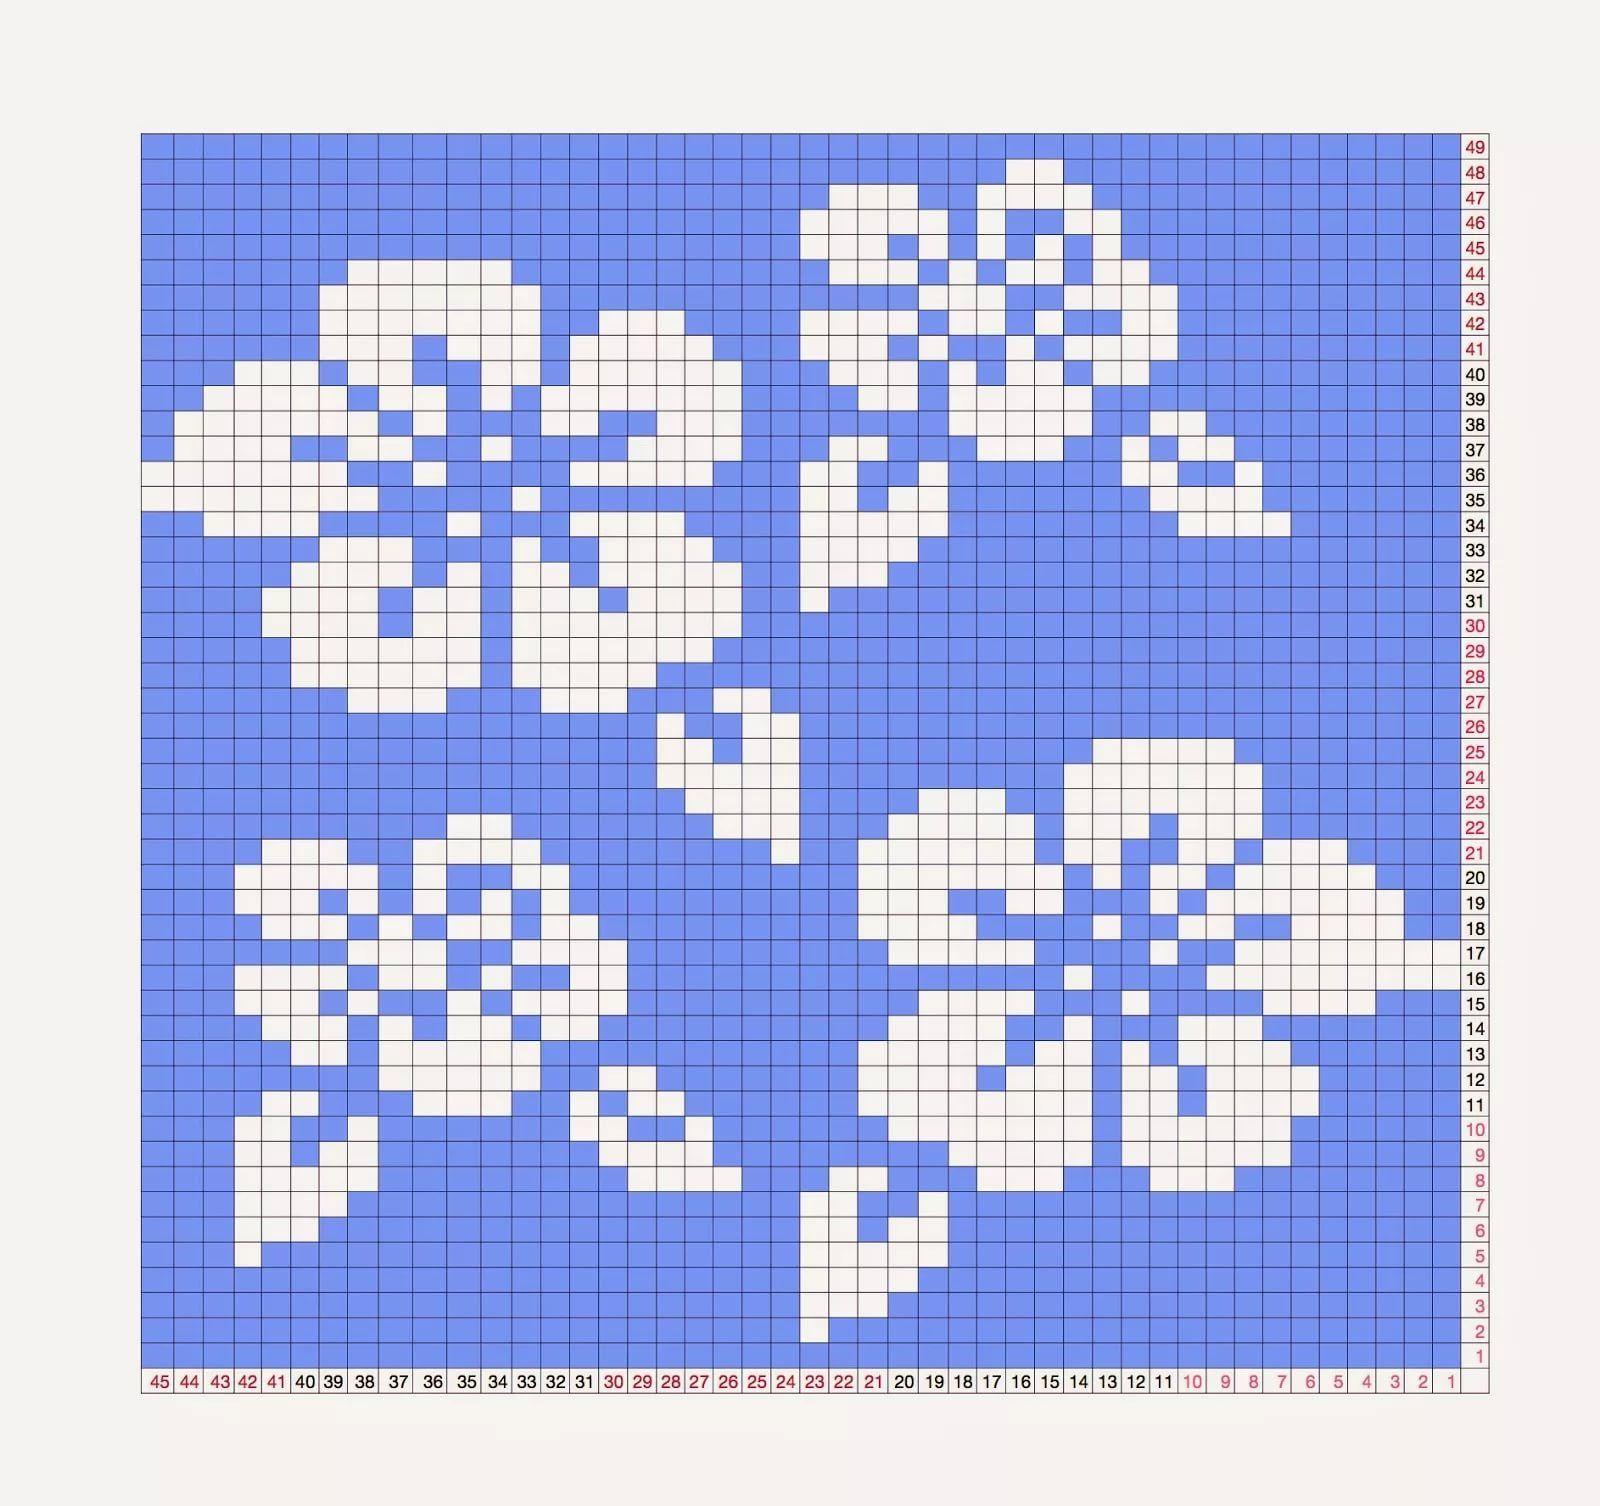 может схемы картинок с цветами для вязания спицами работаете